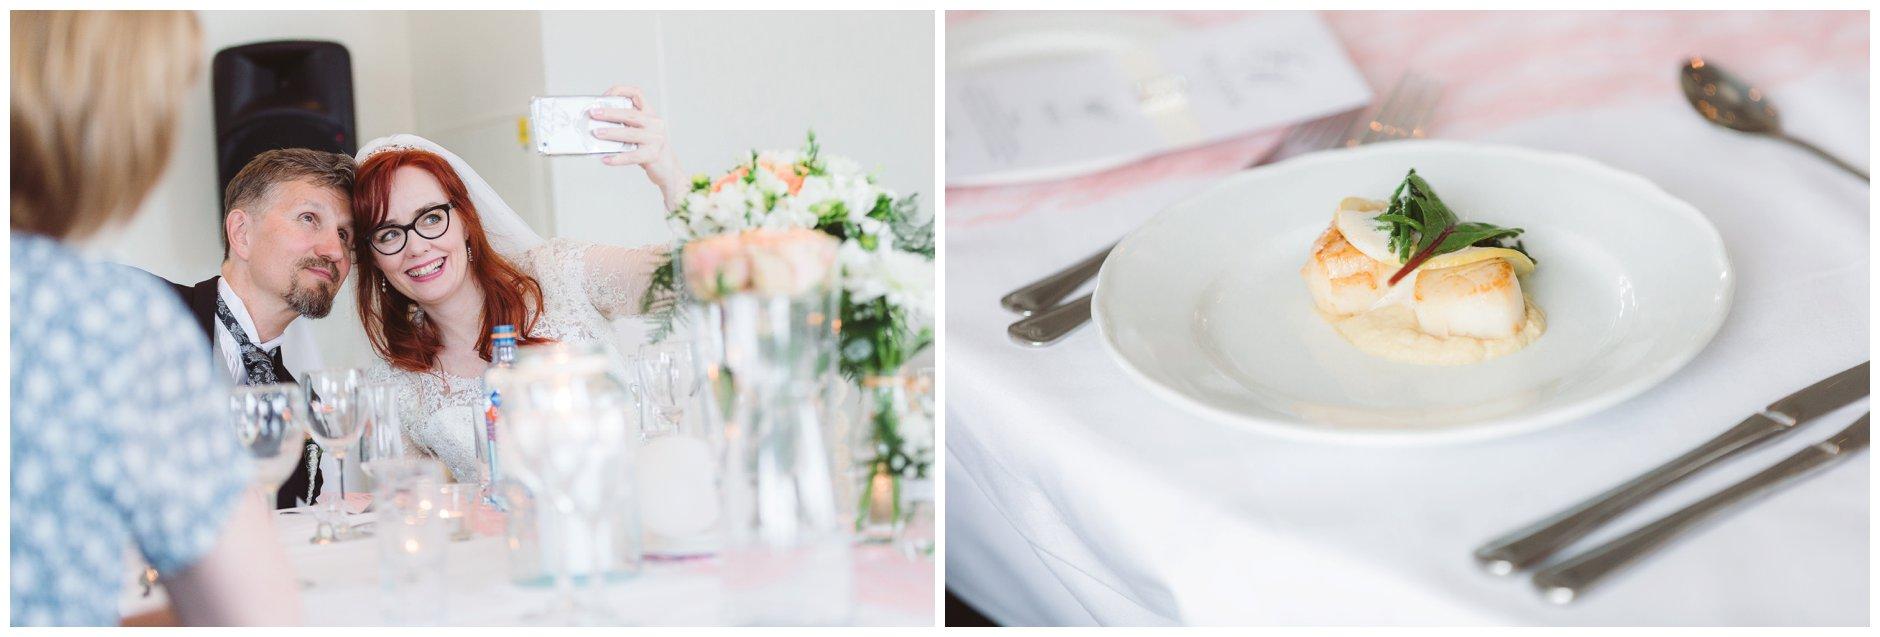 Fotograf-Eline-Jacobine-Bryllup-Tjøme-Scandic-Havna-Trine-og-Halvor_0111